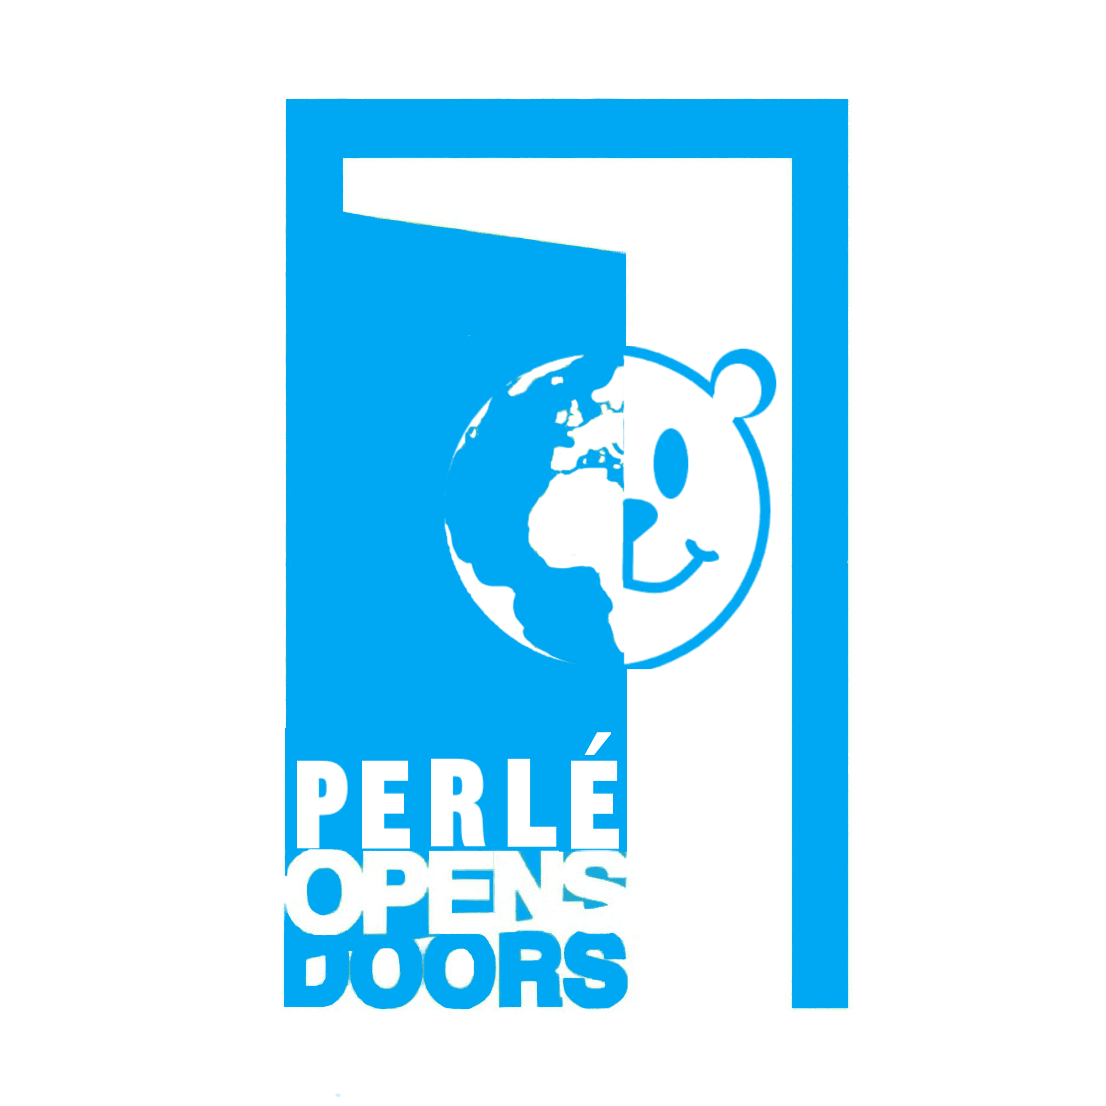 Logo de la iniciativa PERLE OPENS DOORS - ¿Qué hacen 5 ositos de peluche vestidos de Perlé viajando por el mundo?